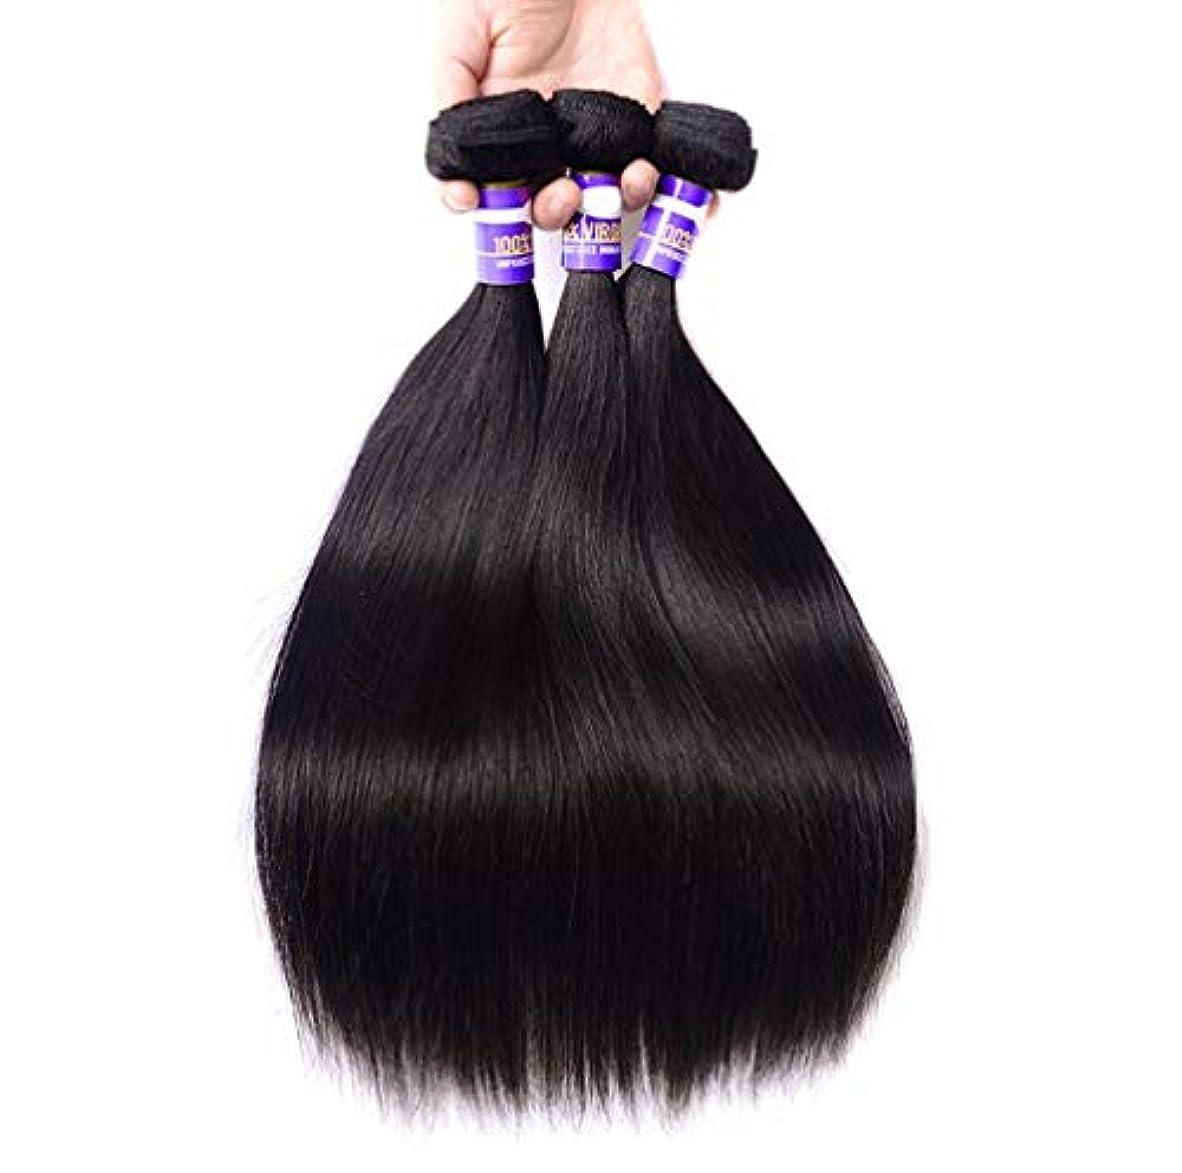 ホット彼隠女性の髪織り9Aブラジルのストレートヘアバンドル安いブラジルのヘアバンドルストレート人間の髪のバンドル(3バンドル)